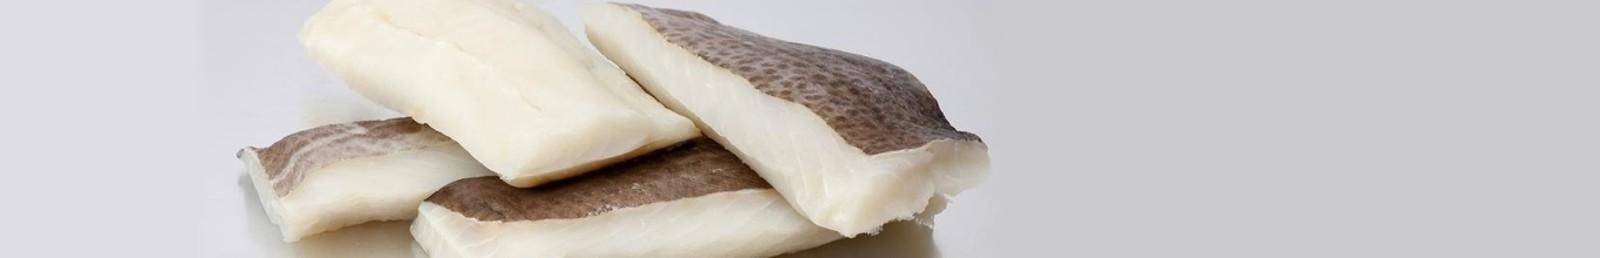 Bacalao Noruego